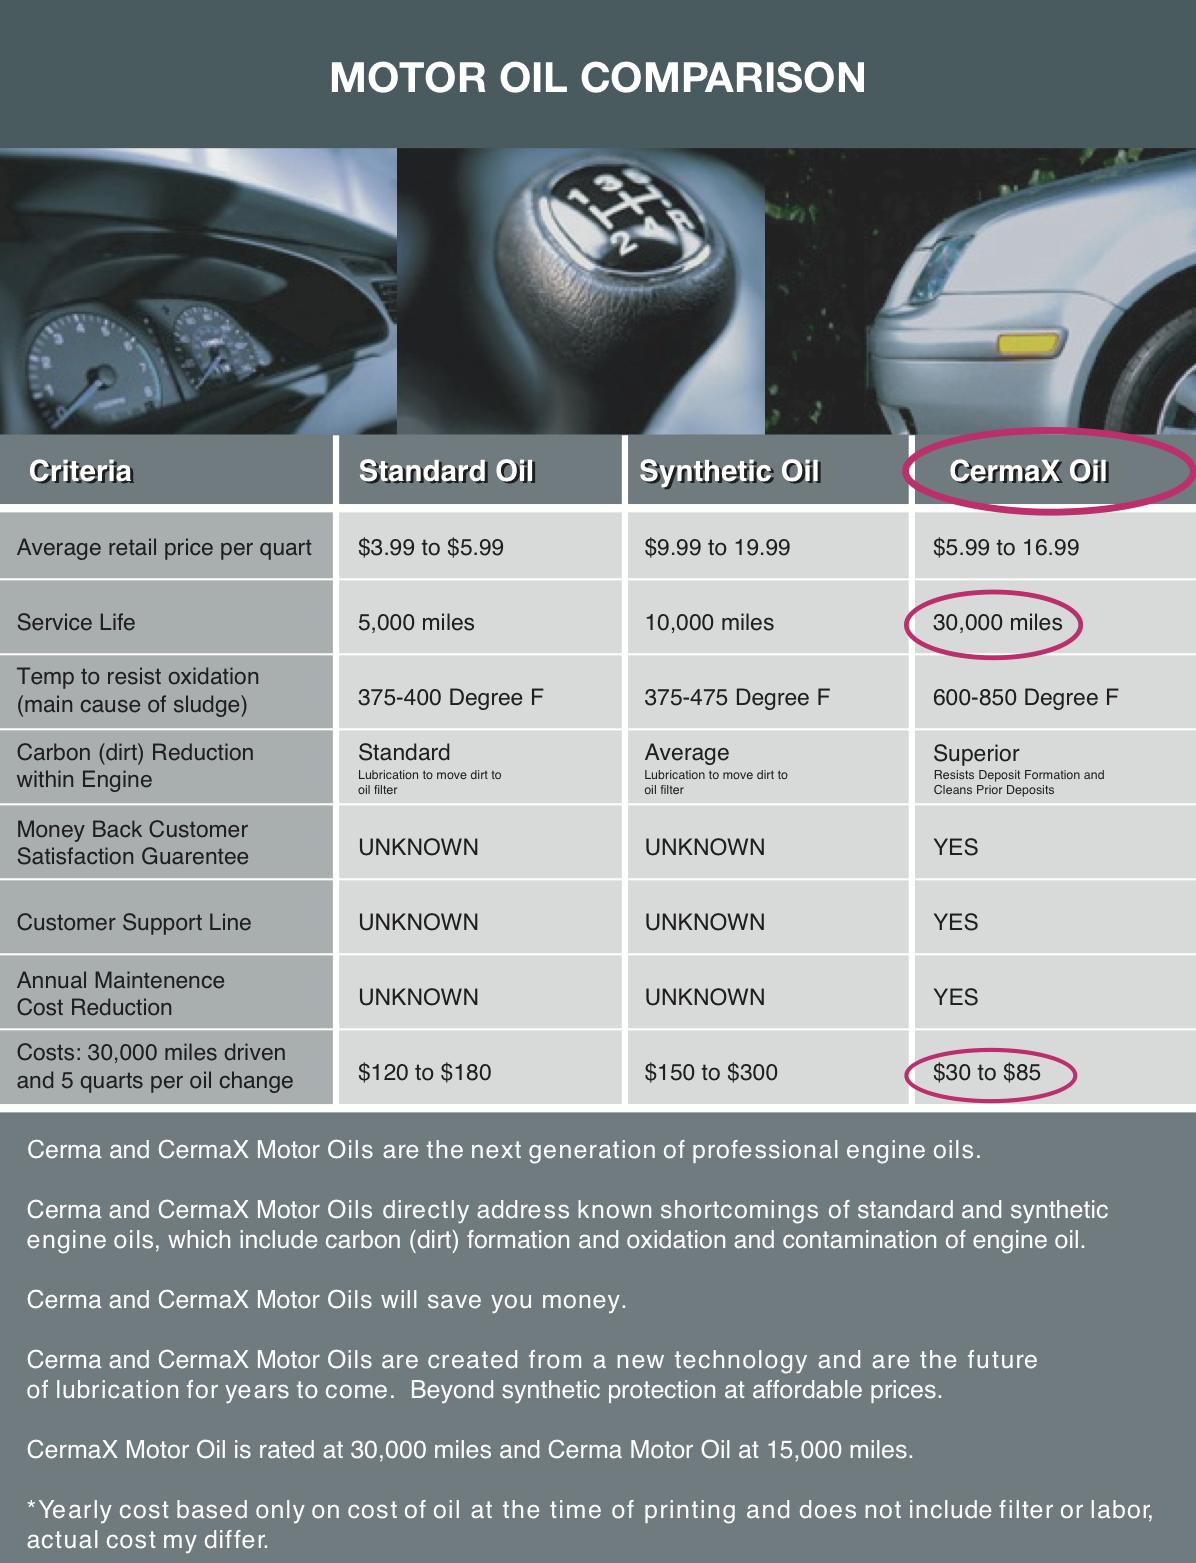 Motor Oil Comparison